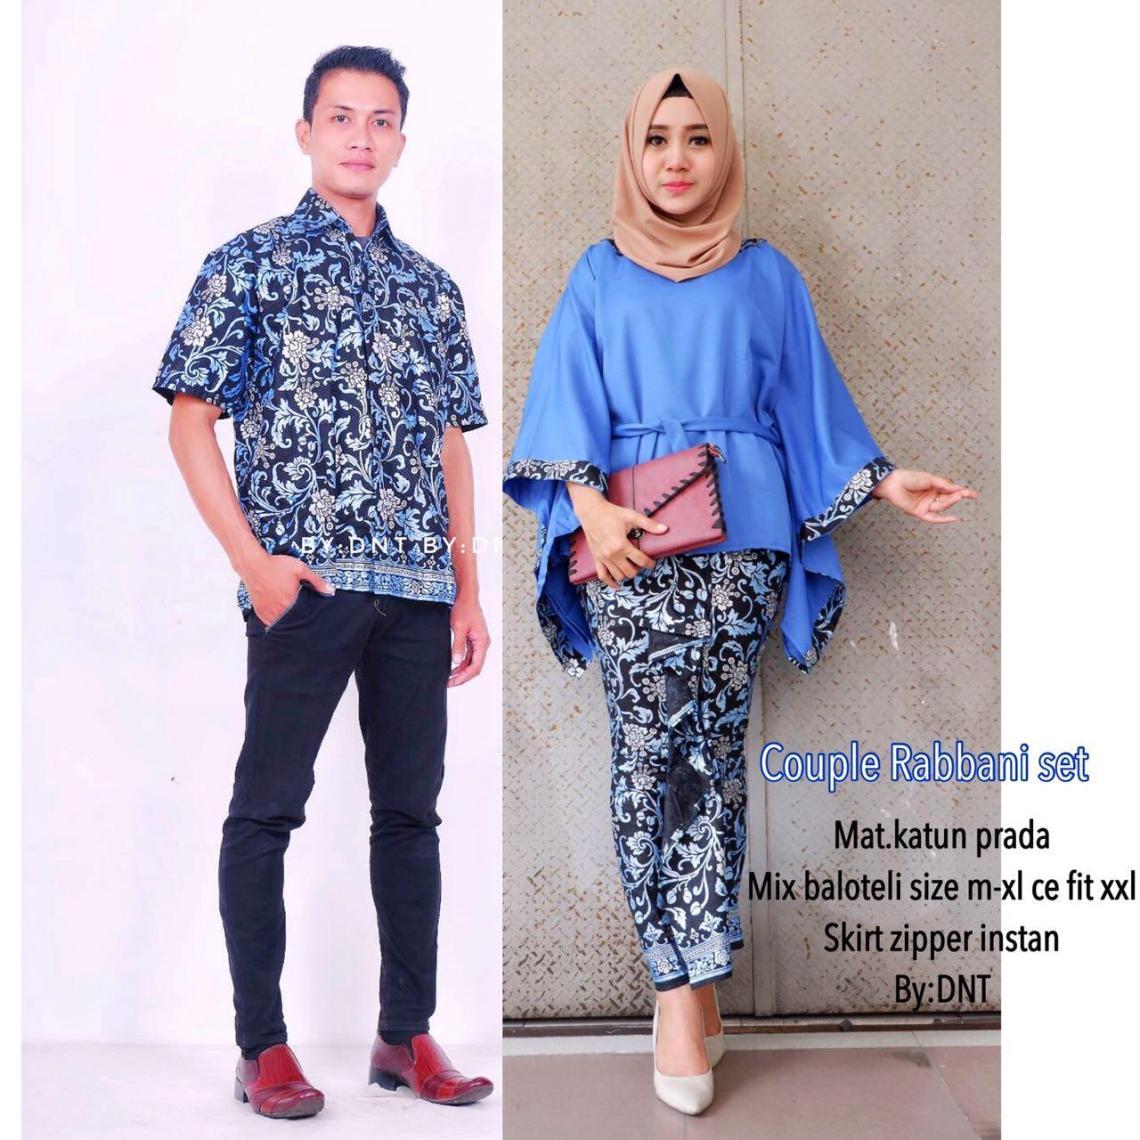 Batik Termurah – Batik Indonesia - Batik Pria - Batik Wanita - Batik Modern - Batik Murah - Batik Muslimah - Baju Murah - Batik Grosir - Baju Batik Couple - Batik  Sarimbit - Batik Kondangan - Baju Gamis Wanita terbaru - Batik Couple - Robbani Couple